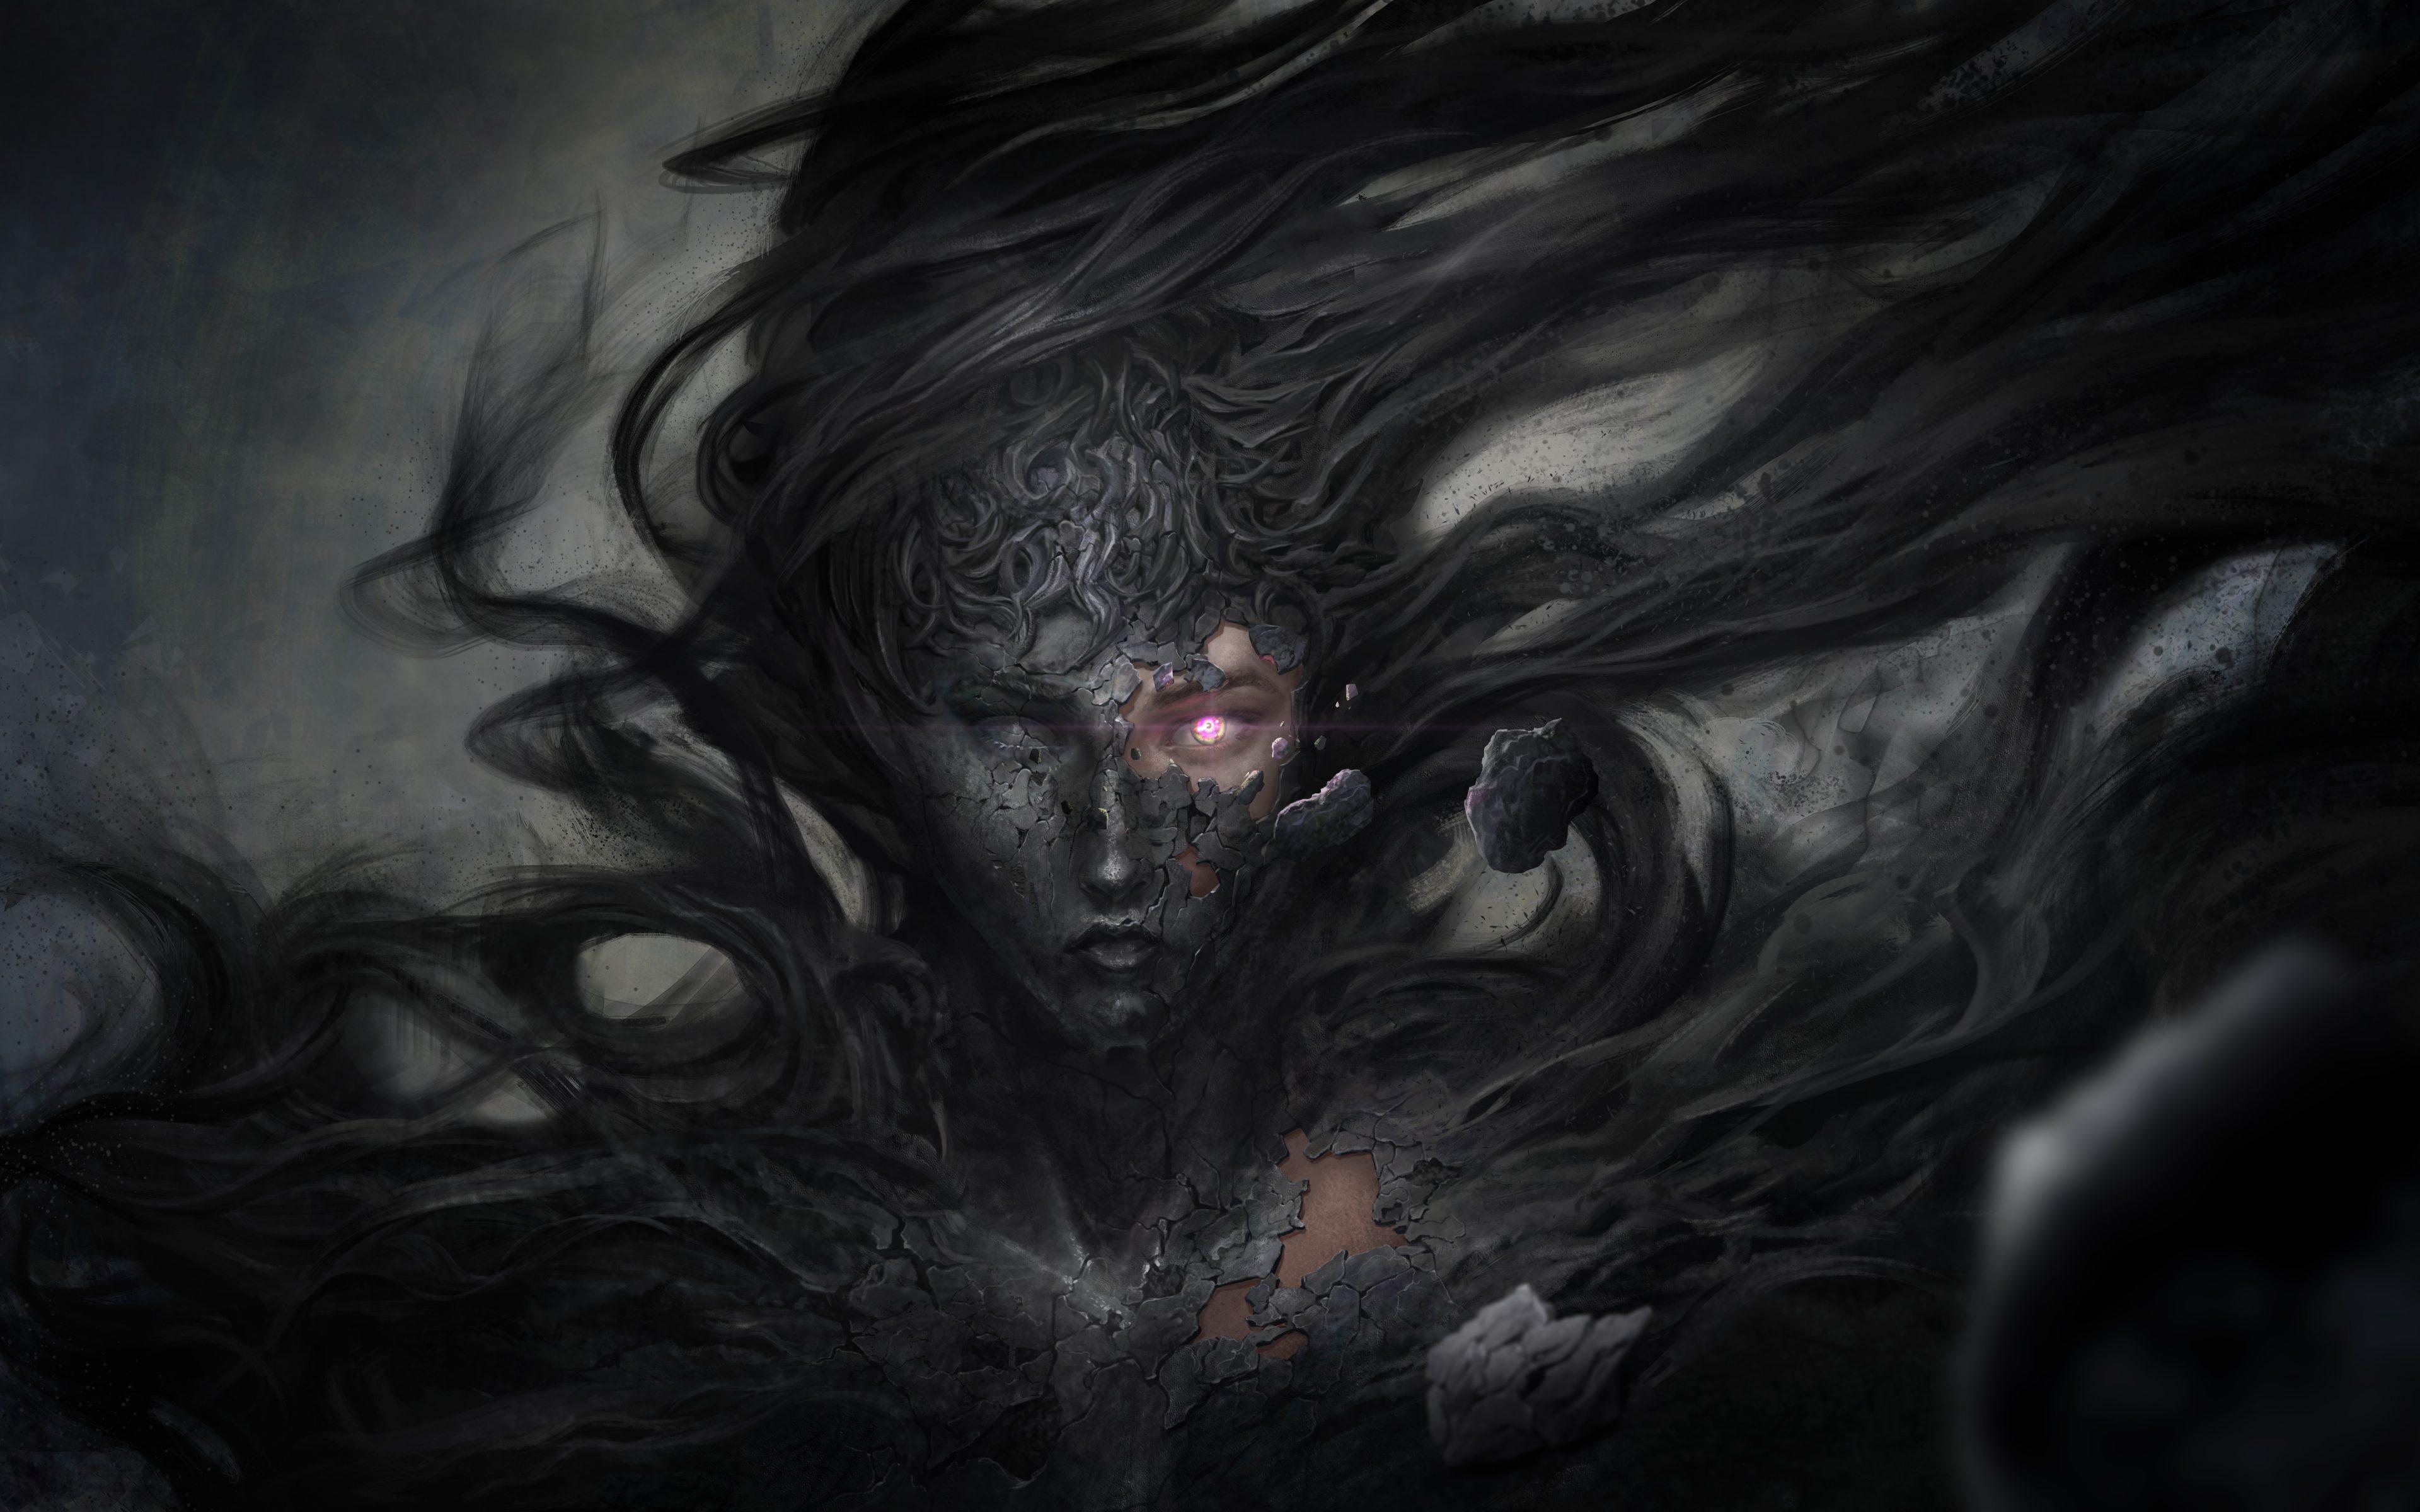 Dark Demon Witch Fantasy 8K Wallpaper